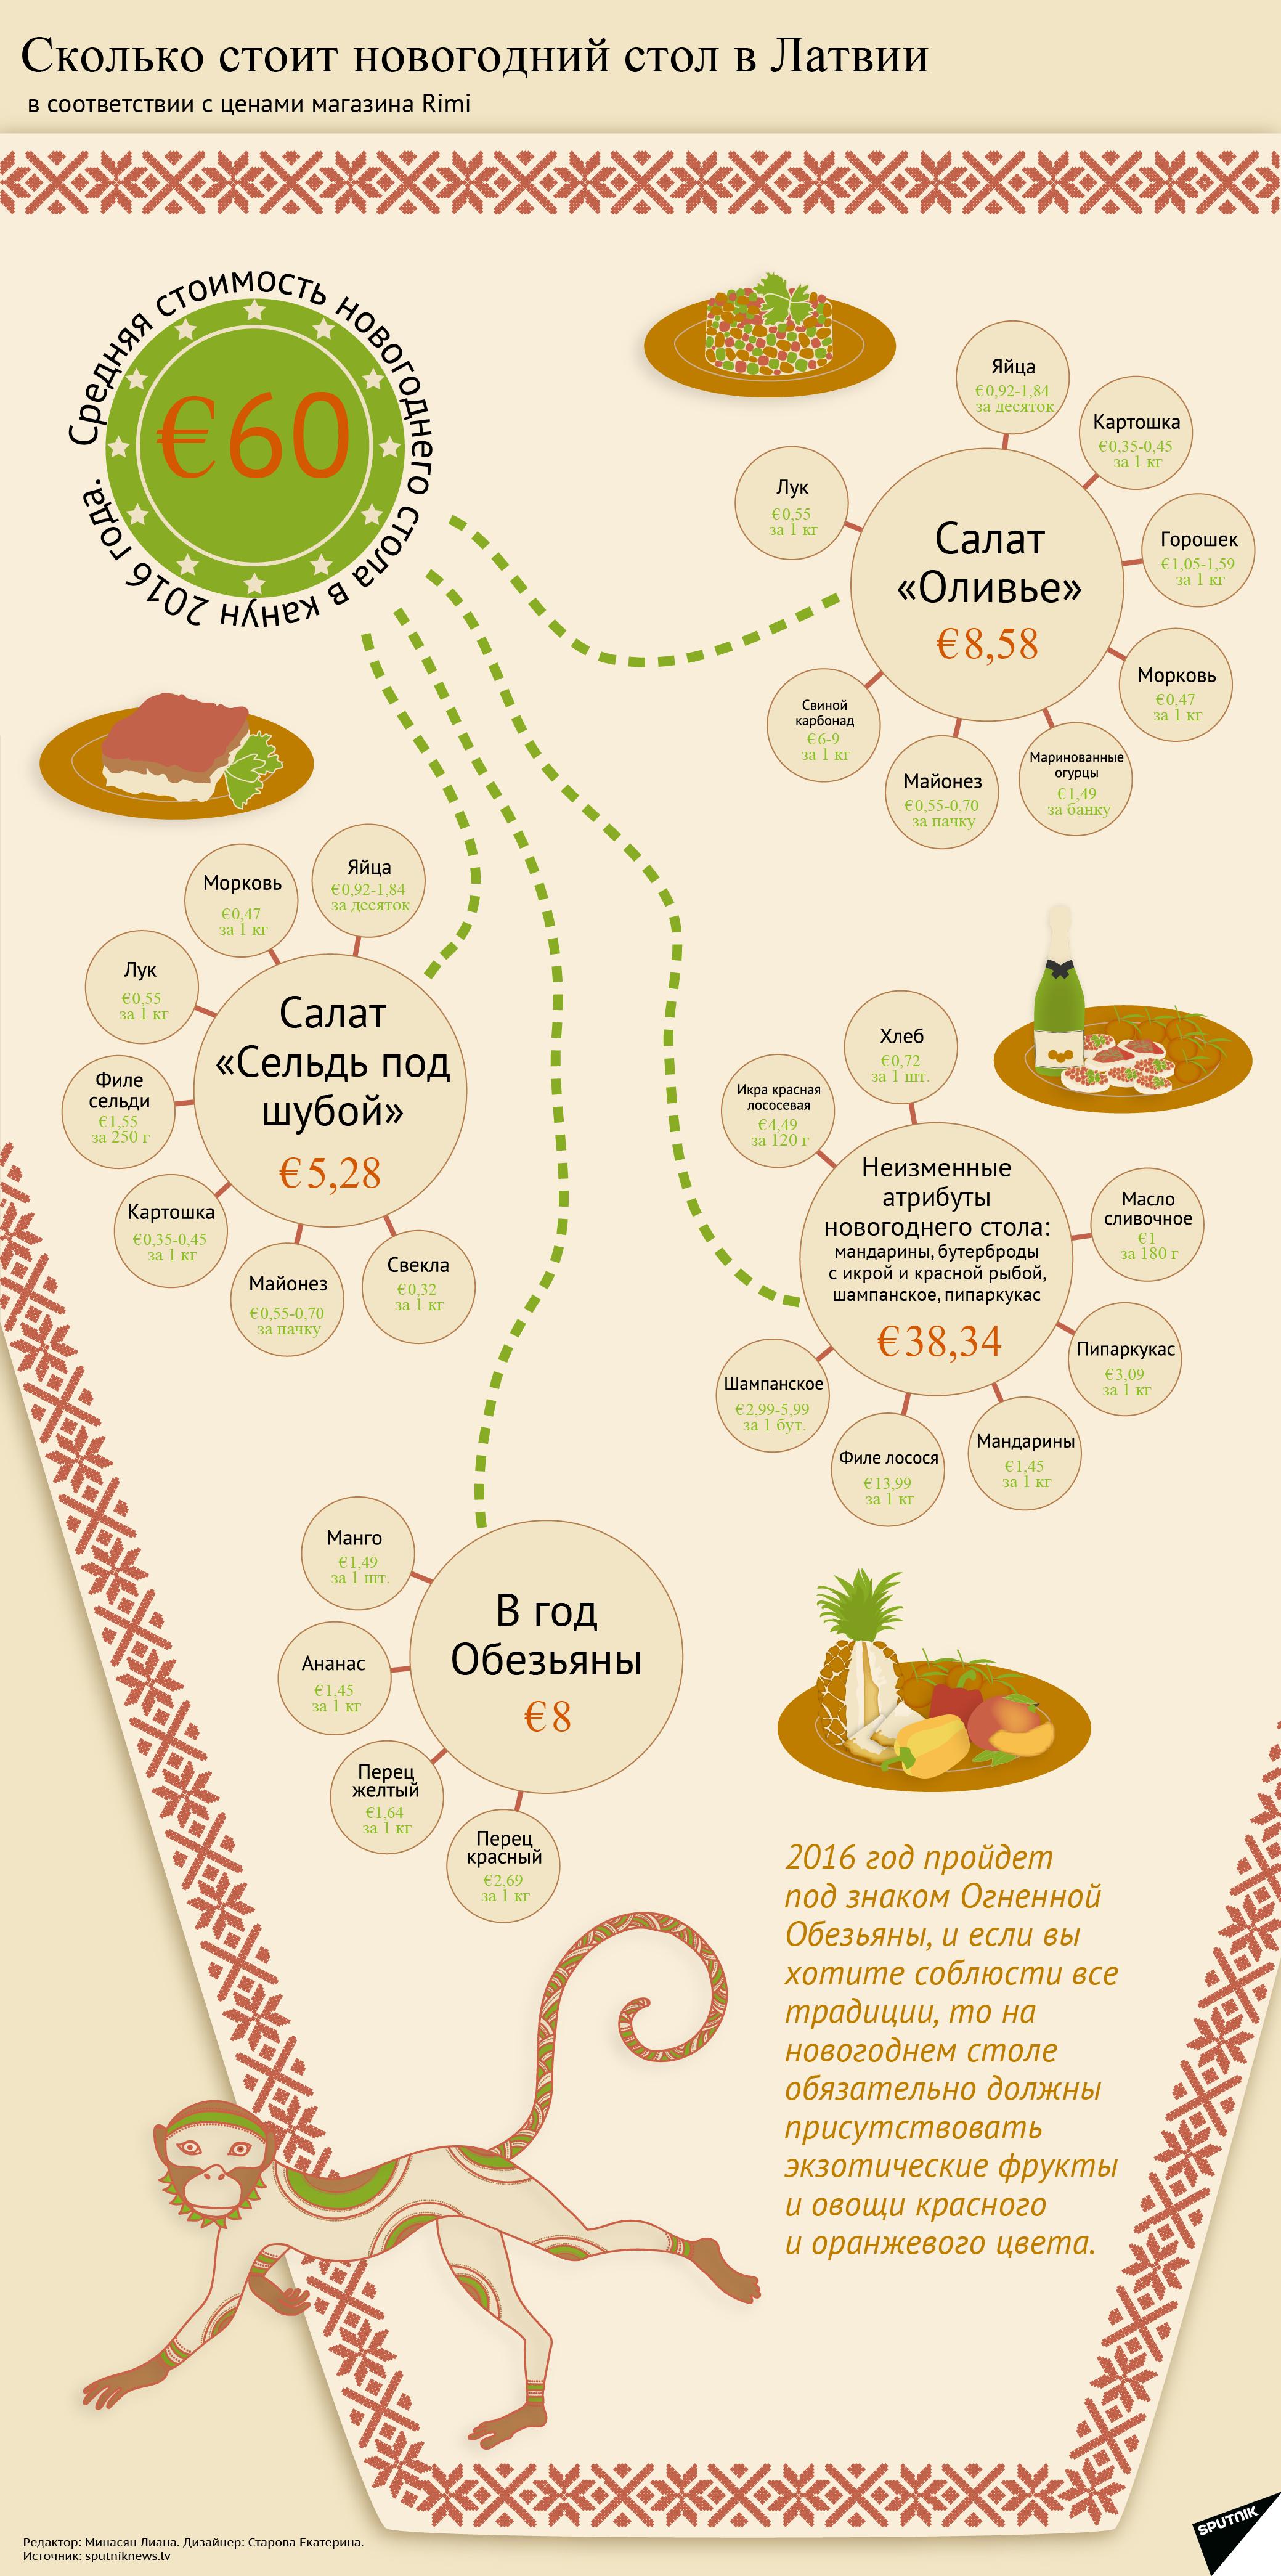 Сколько стоит новогодний стол в Латвии